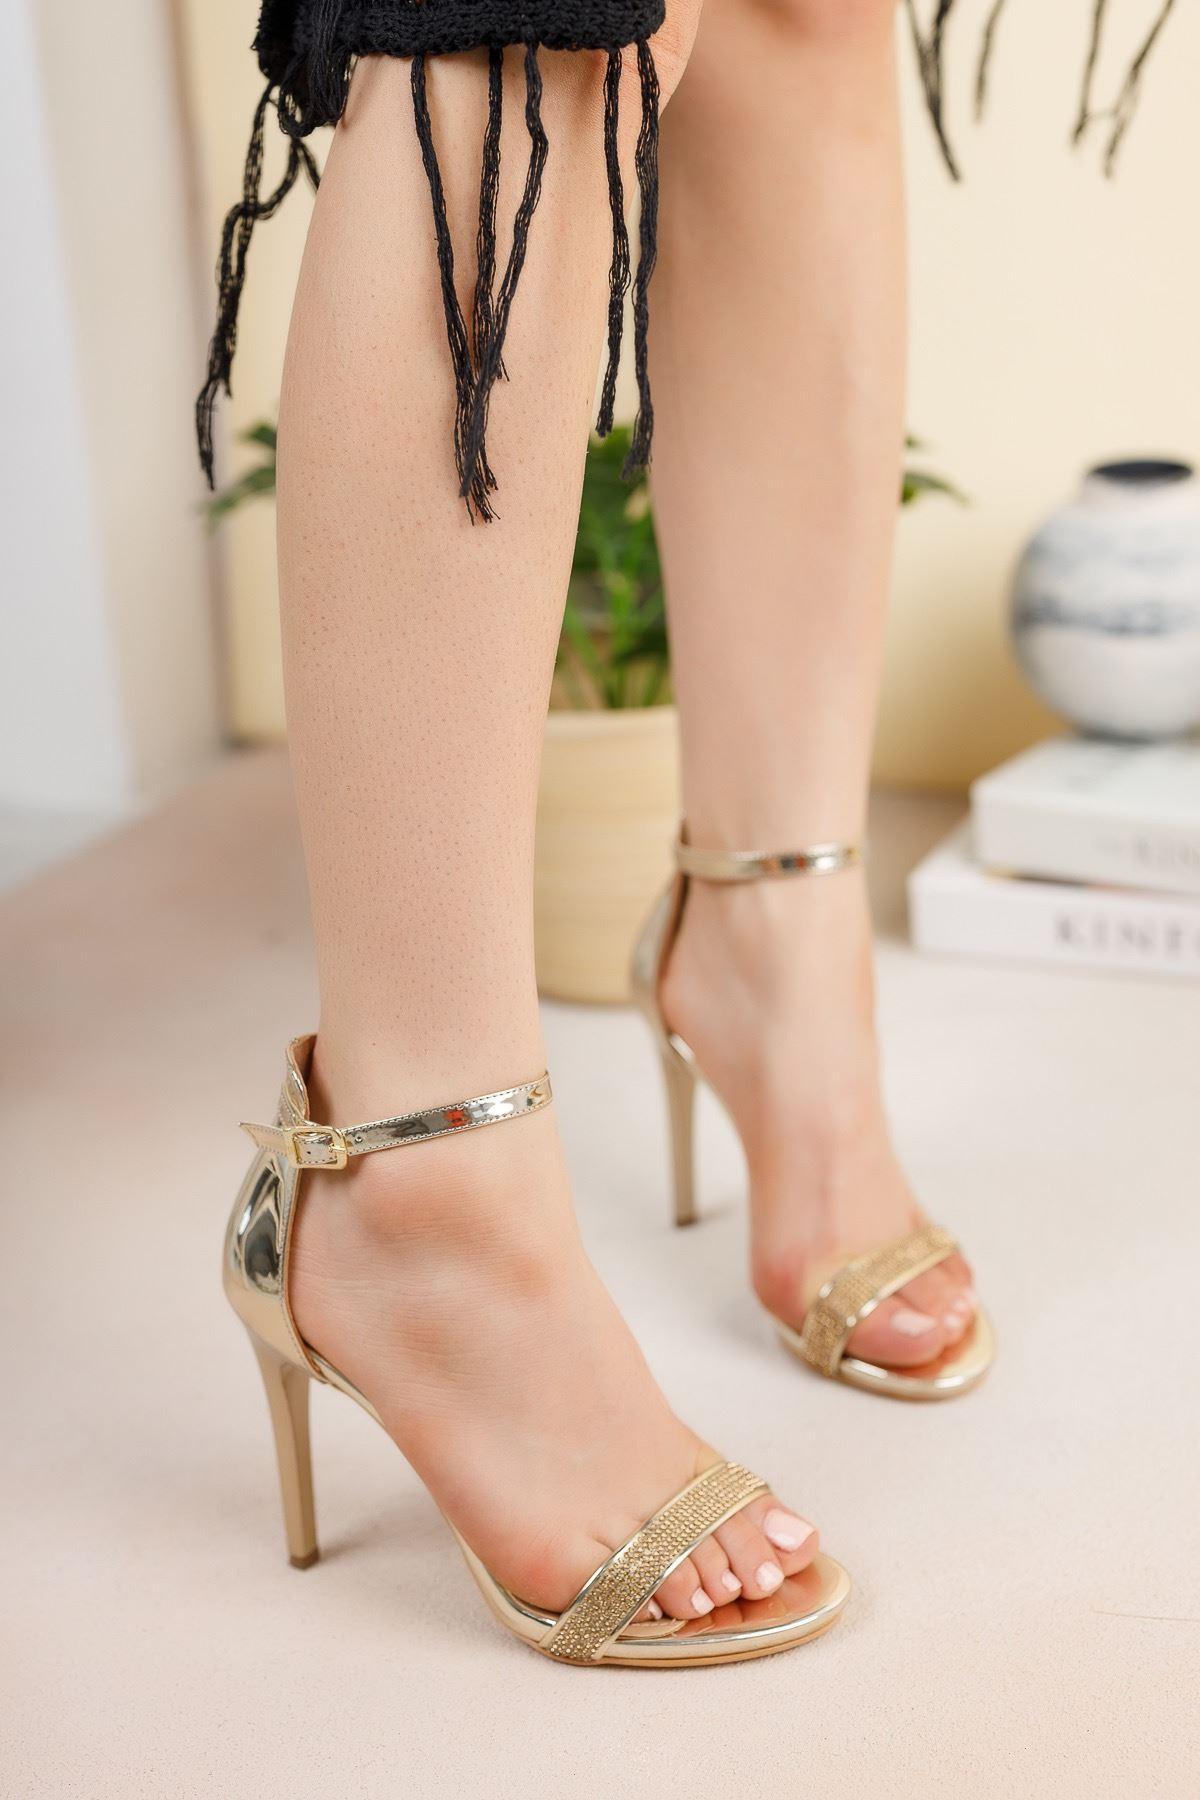 Altın Sarı Ayna Tek Bant İnce Yüksek Topuklu Abiye Ayakkabı